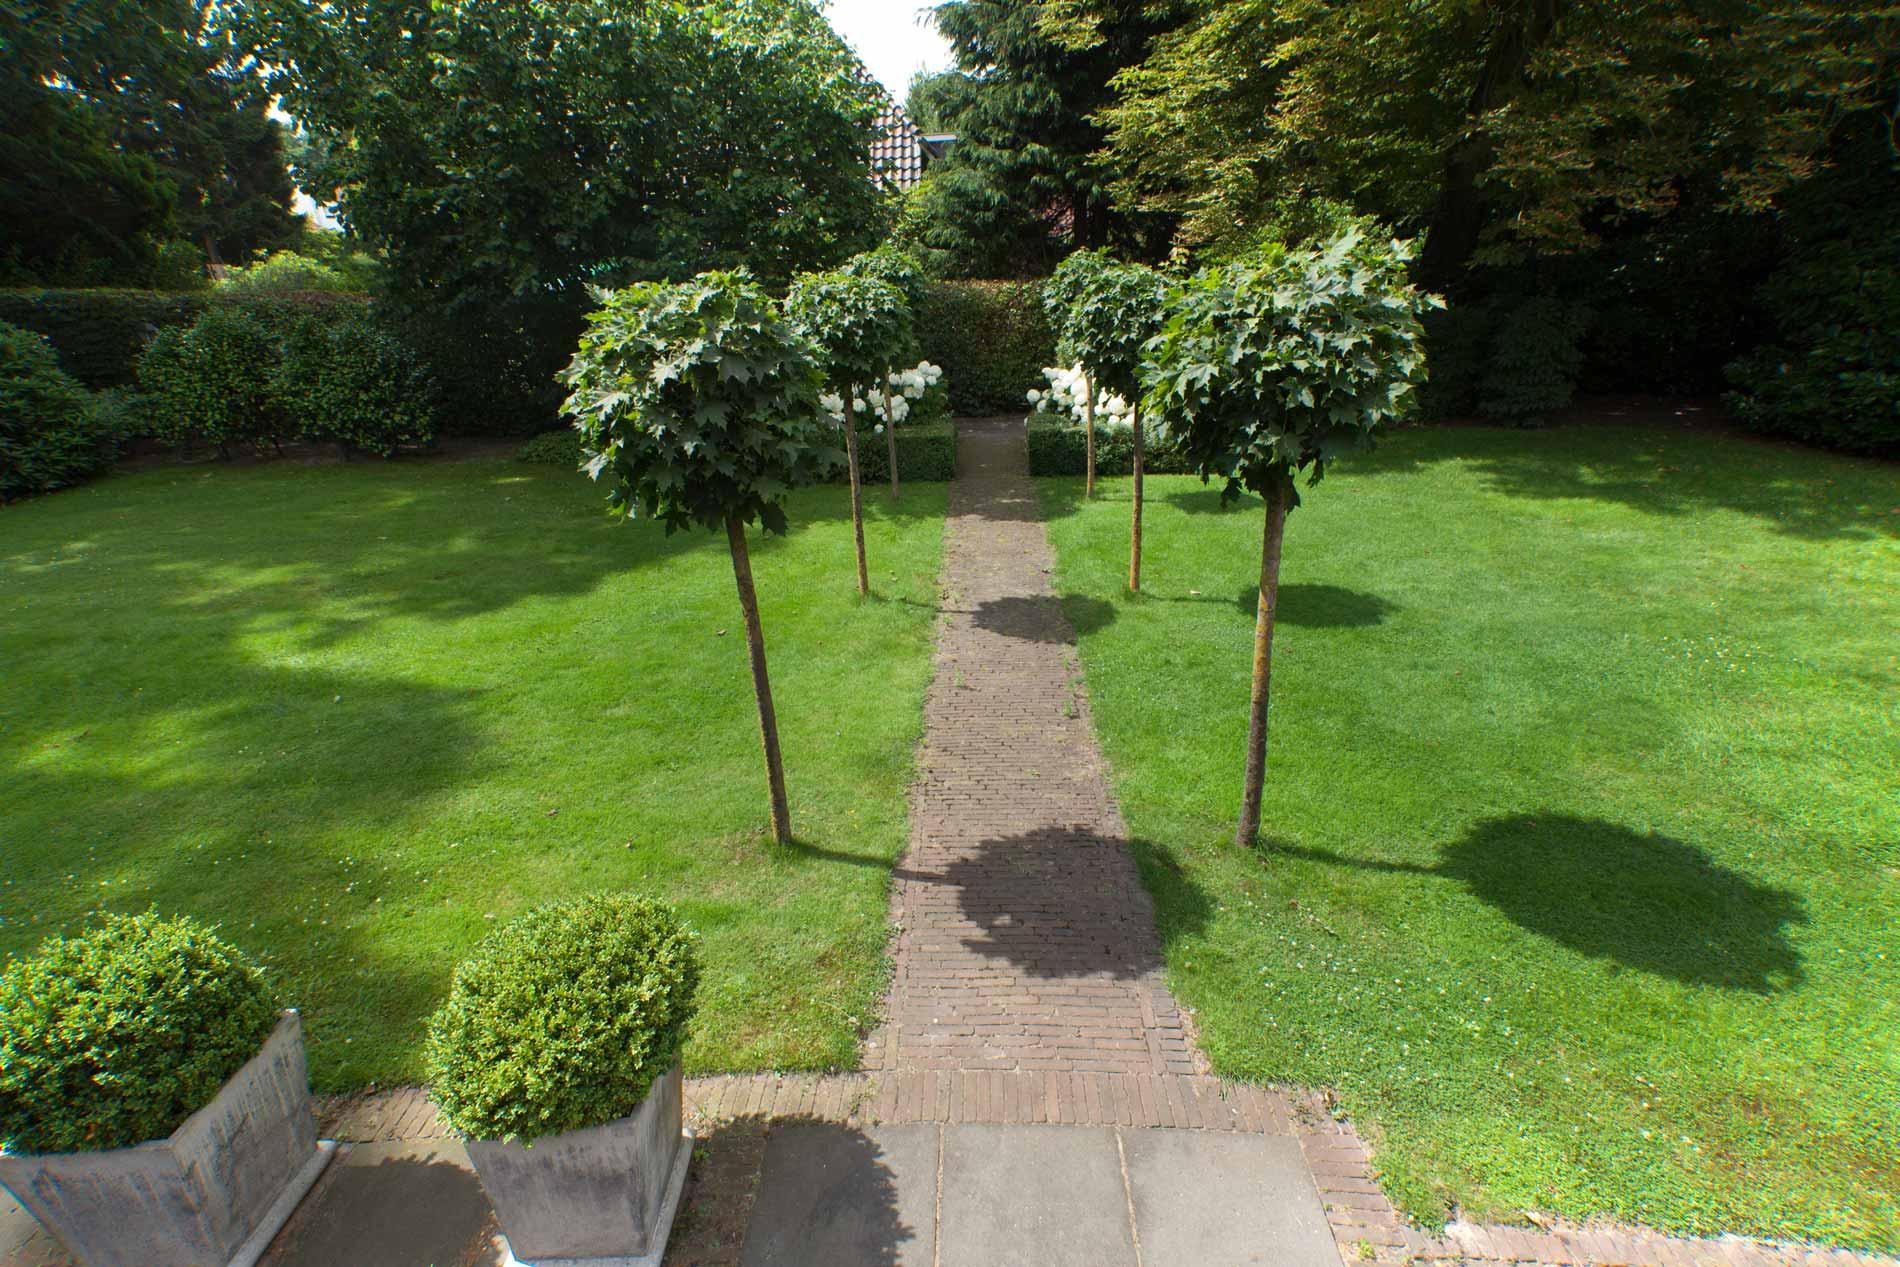 Zwembad tuinen van heart for gardens u ontwerp aanleg en projecten